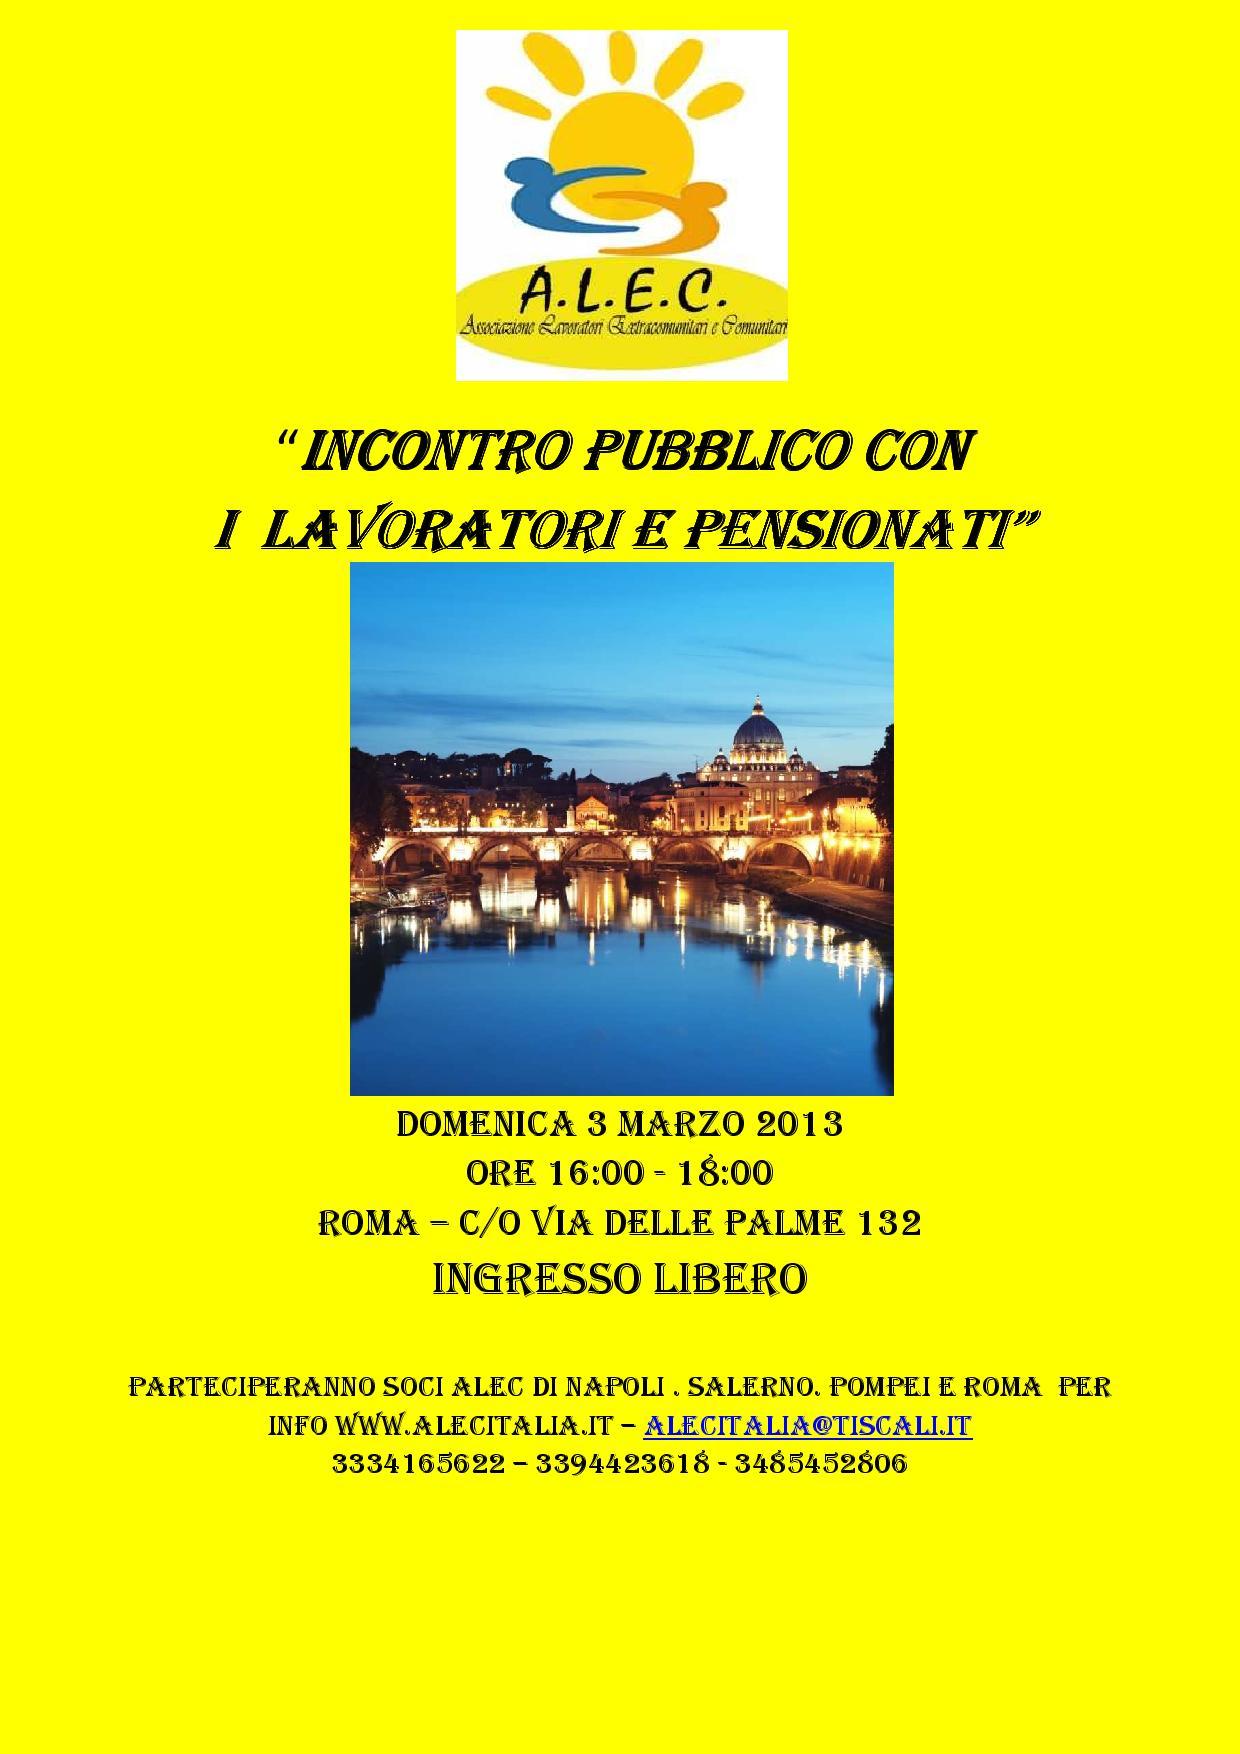 Alec, incontro pubblico con lavoratori e pensionati il 3 marzo a Roma